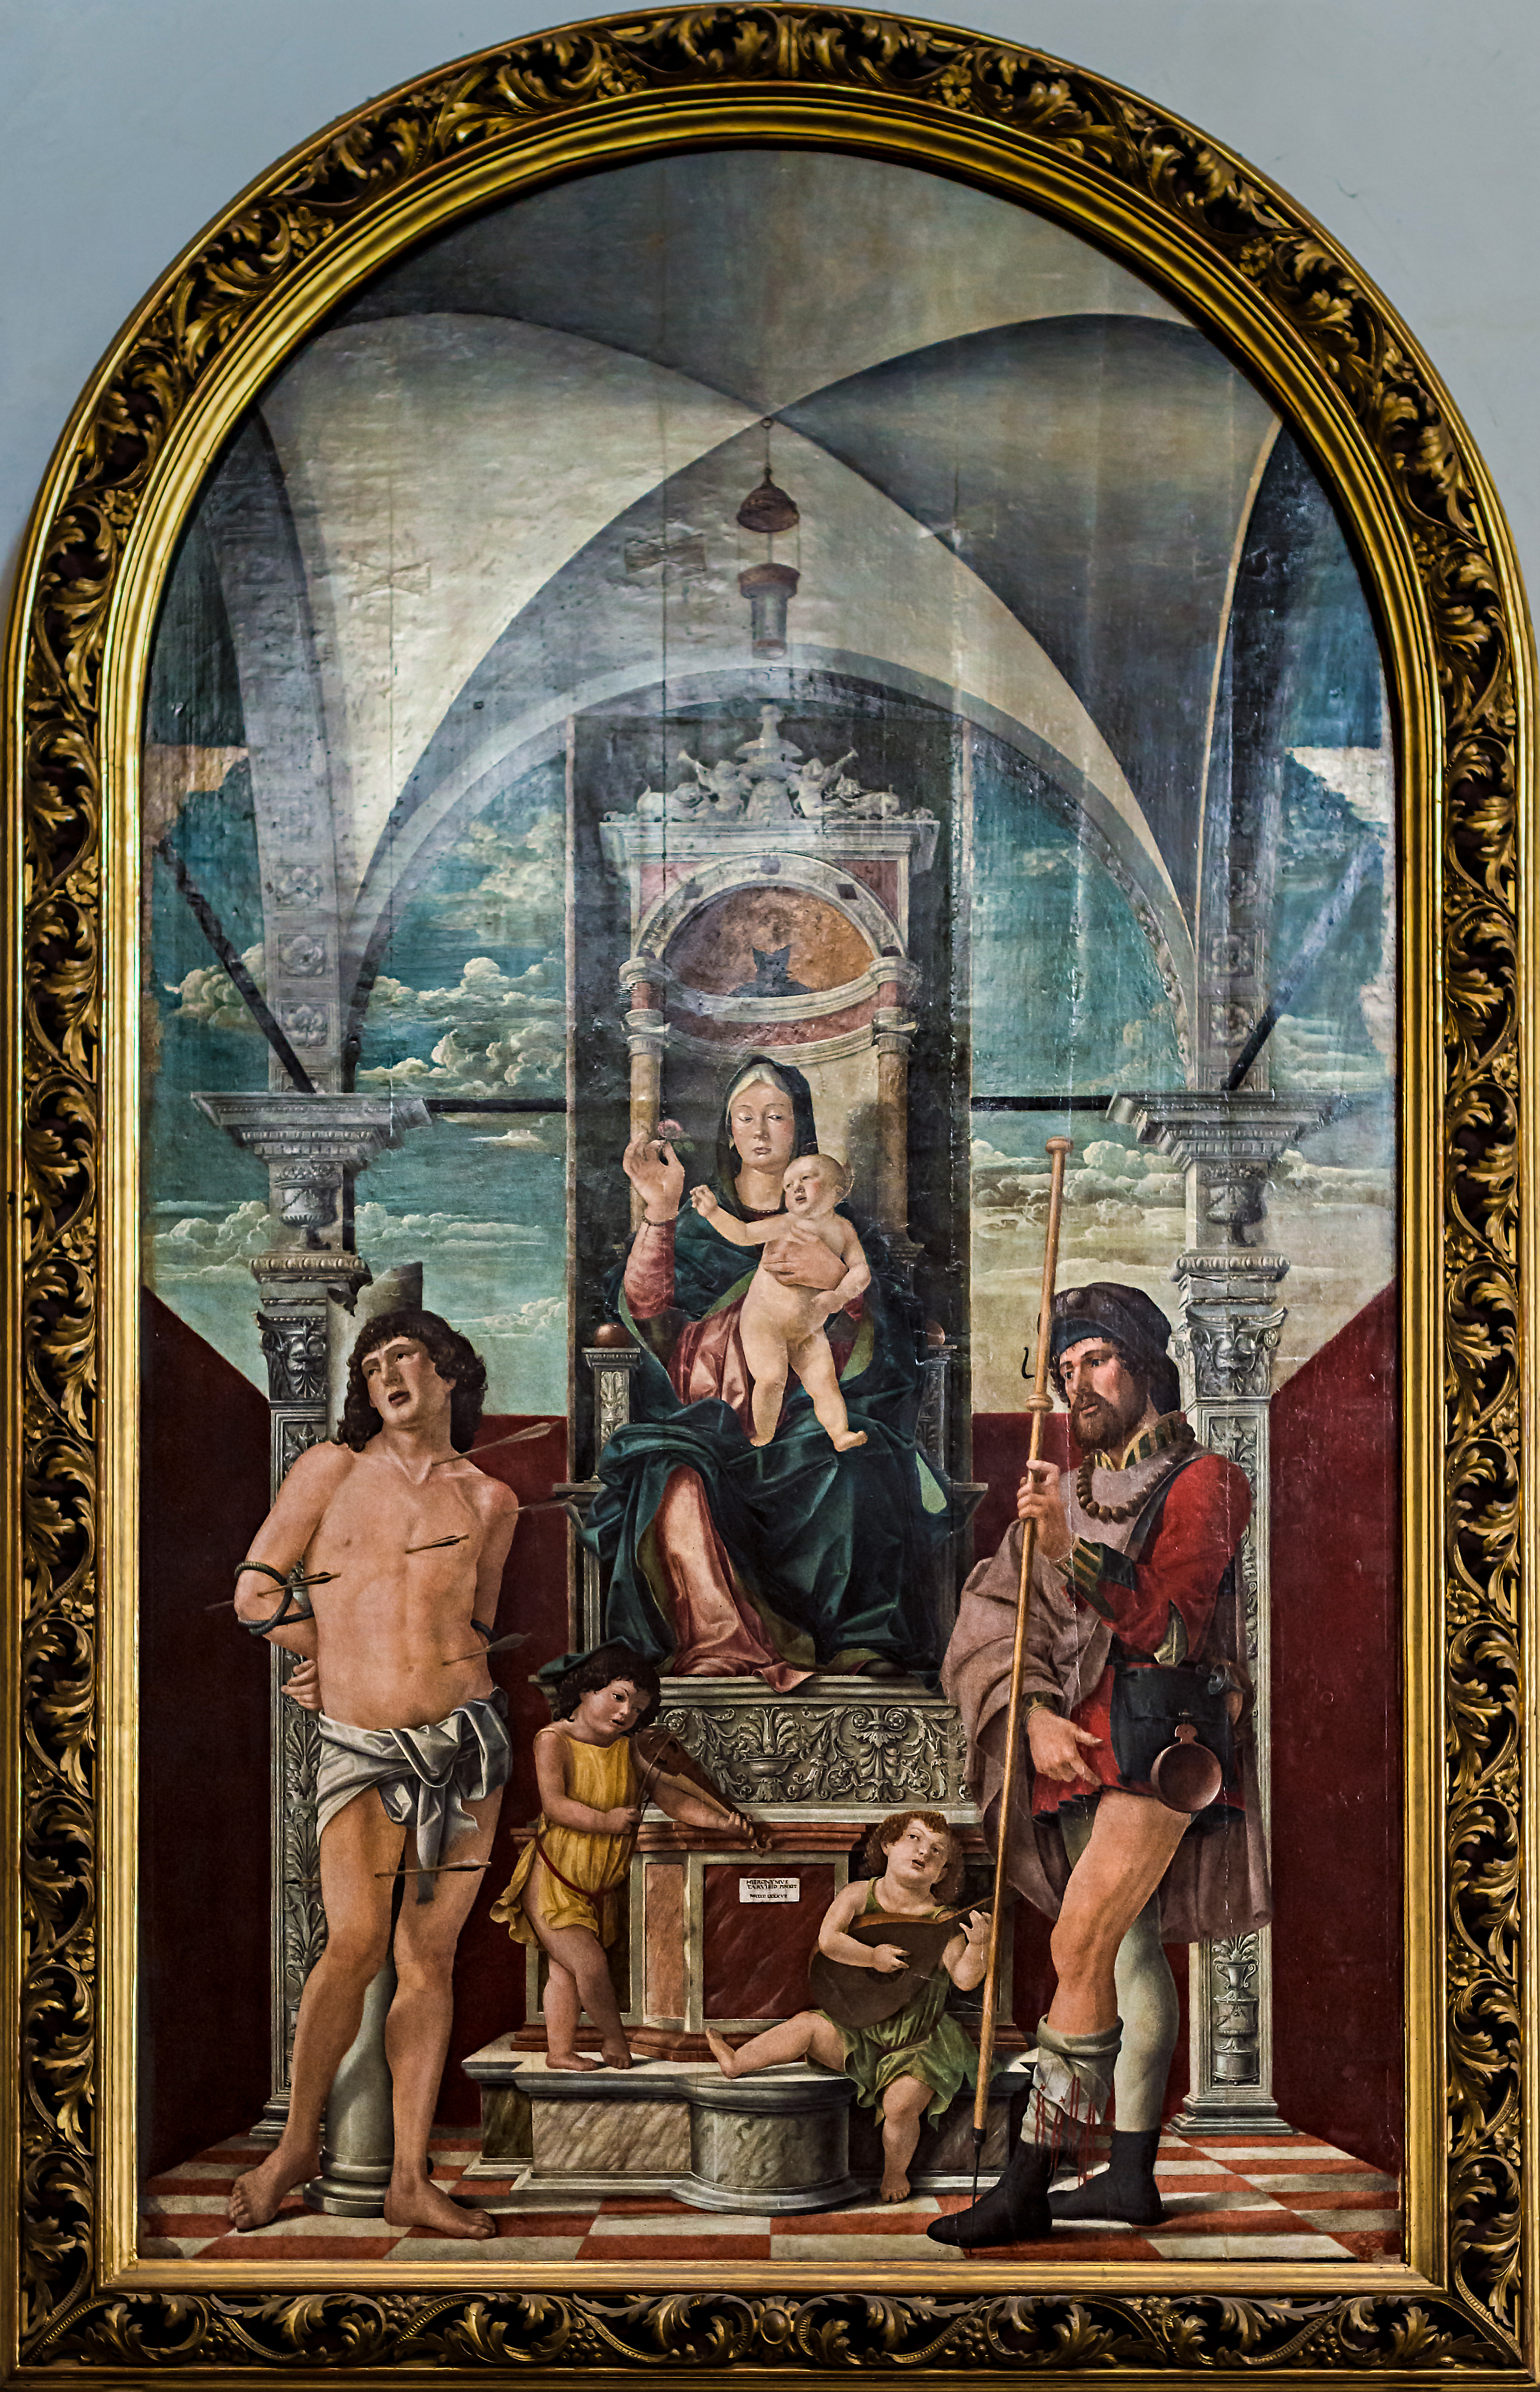 Madonna del fiore di Girolamo da Treviso